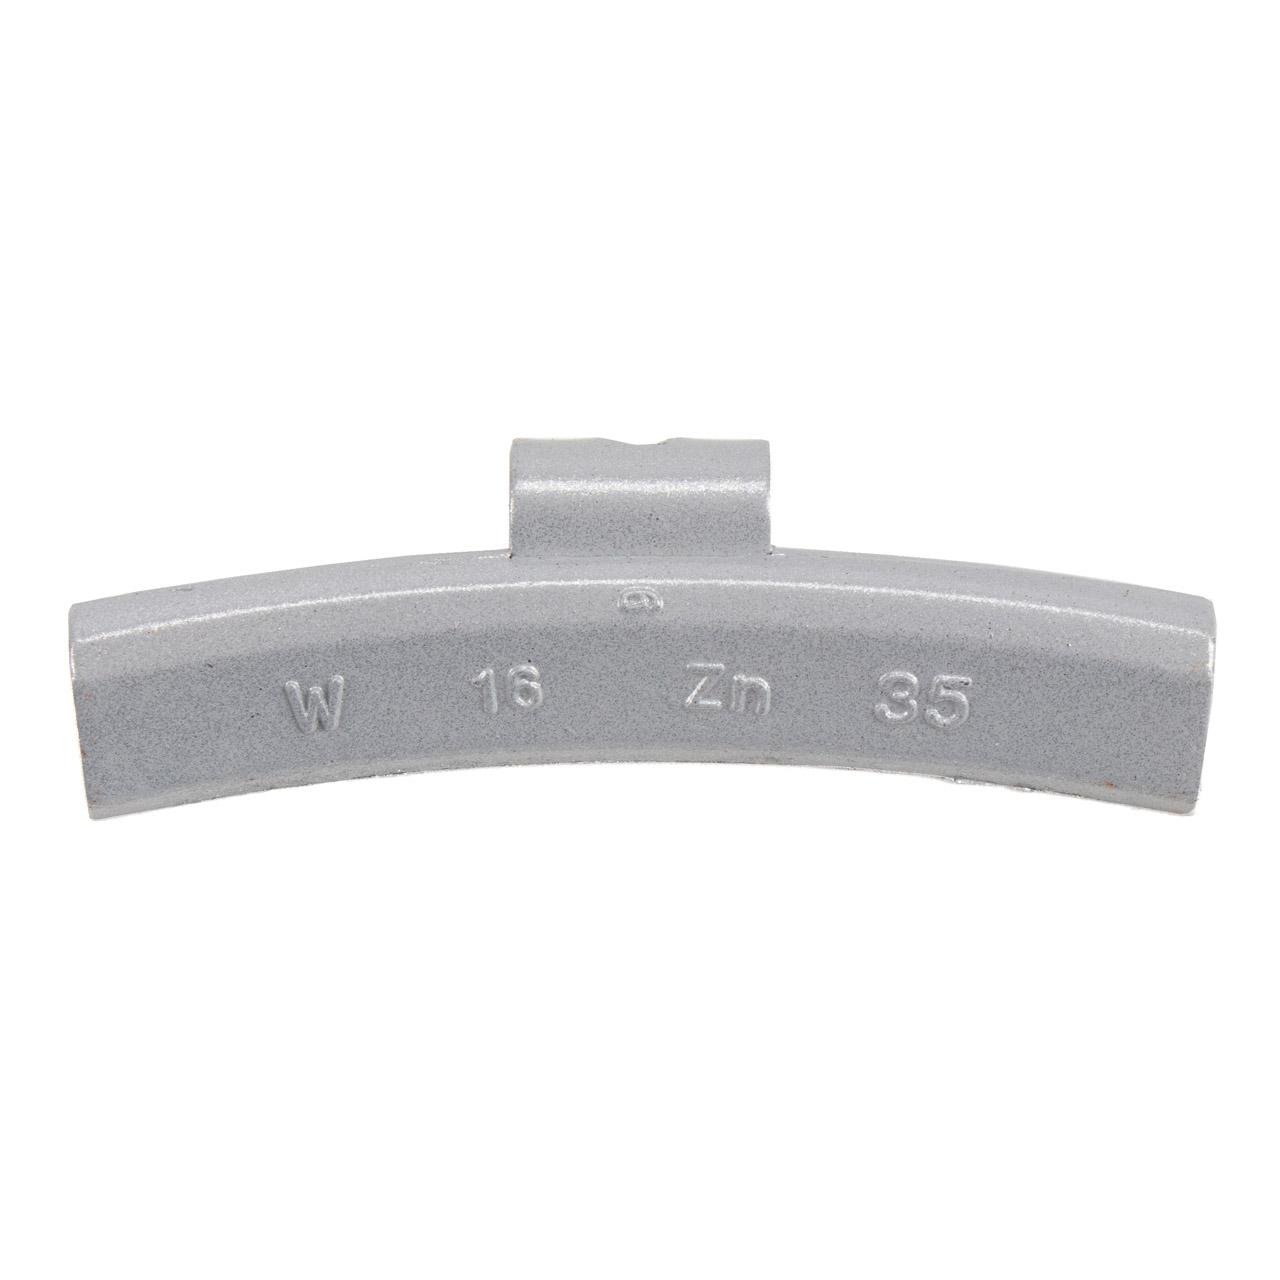 GEMATIC Auswuchtgewicht Schlaggewicht für Alufelge GRAU-ZINK 50 Stück x 35g